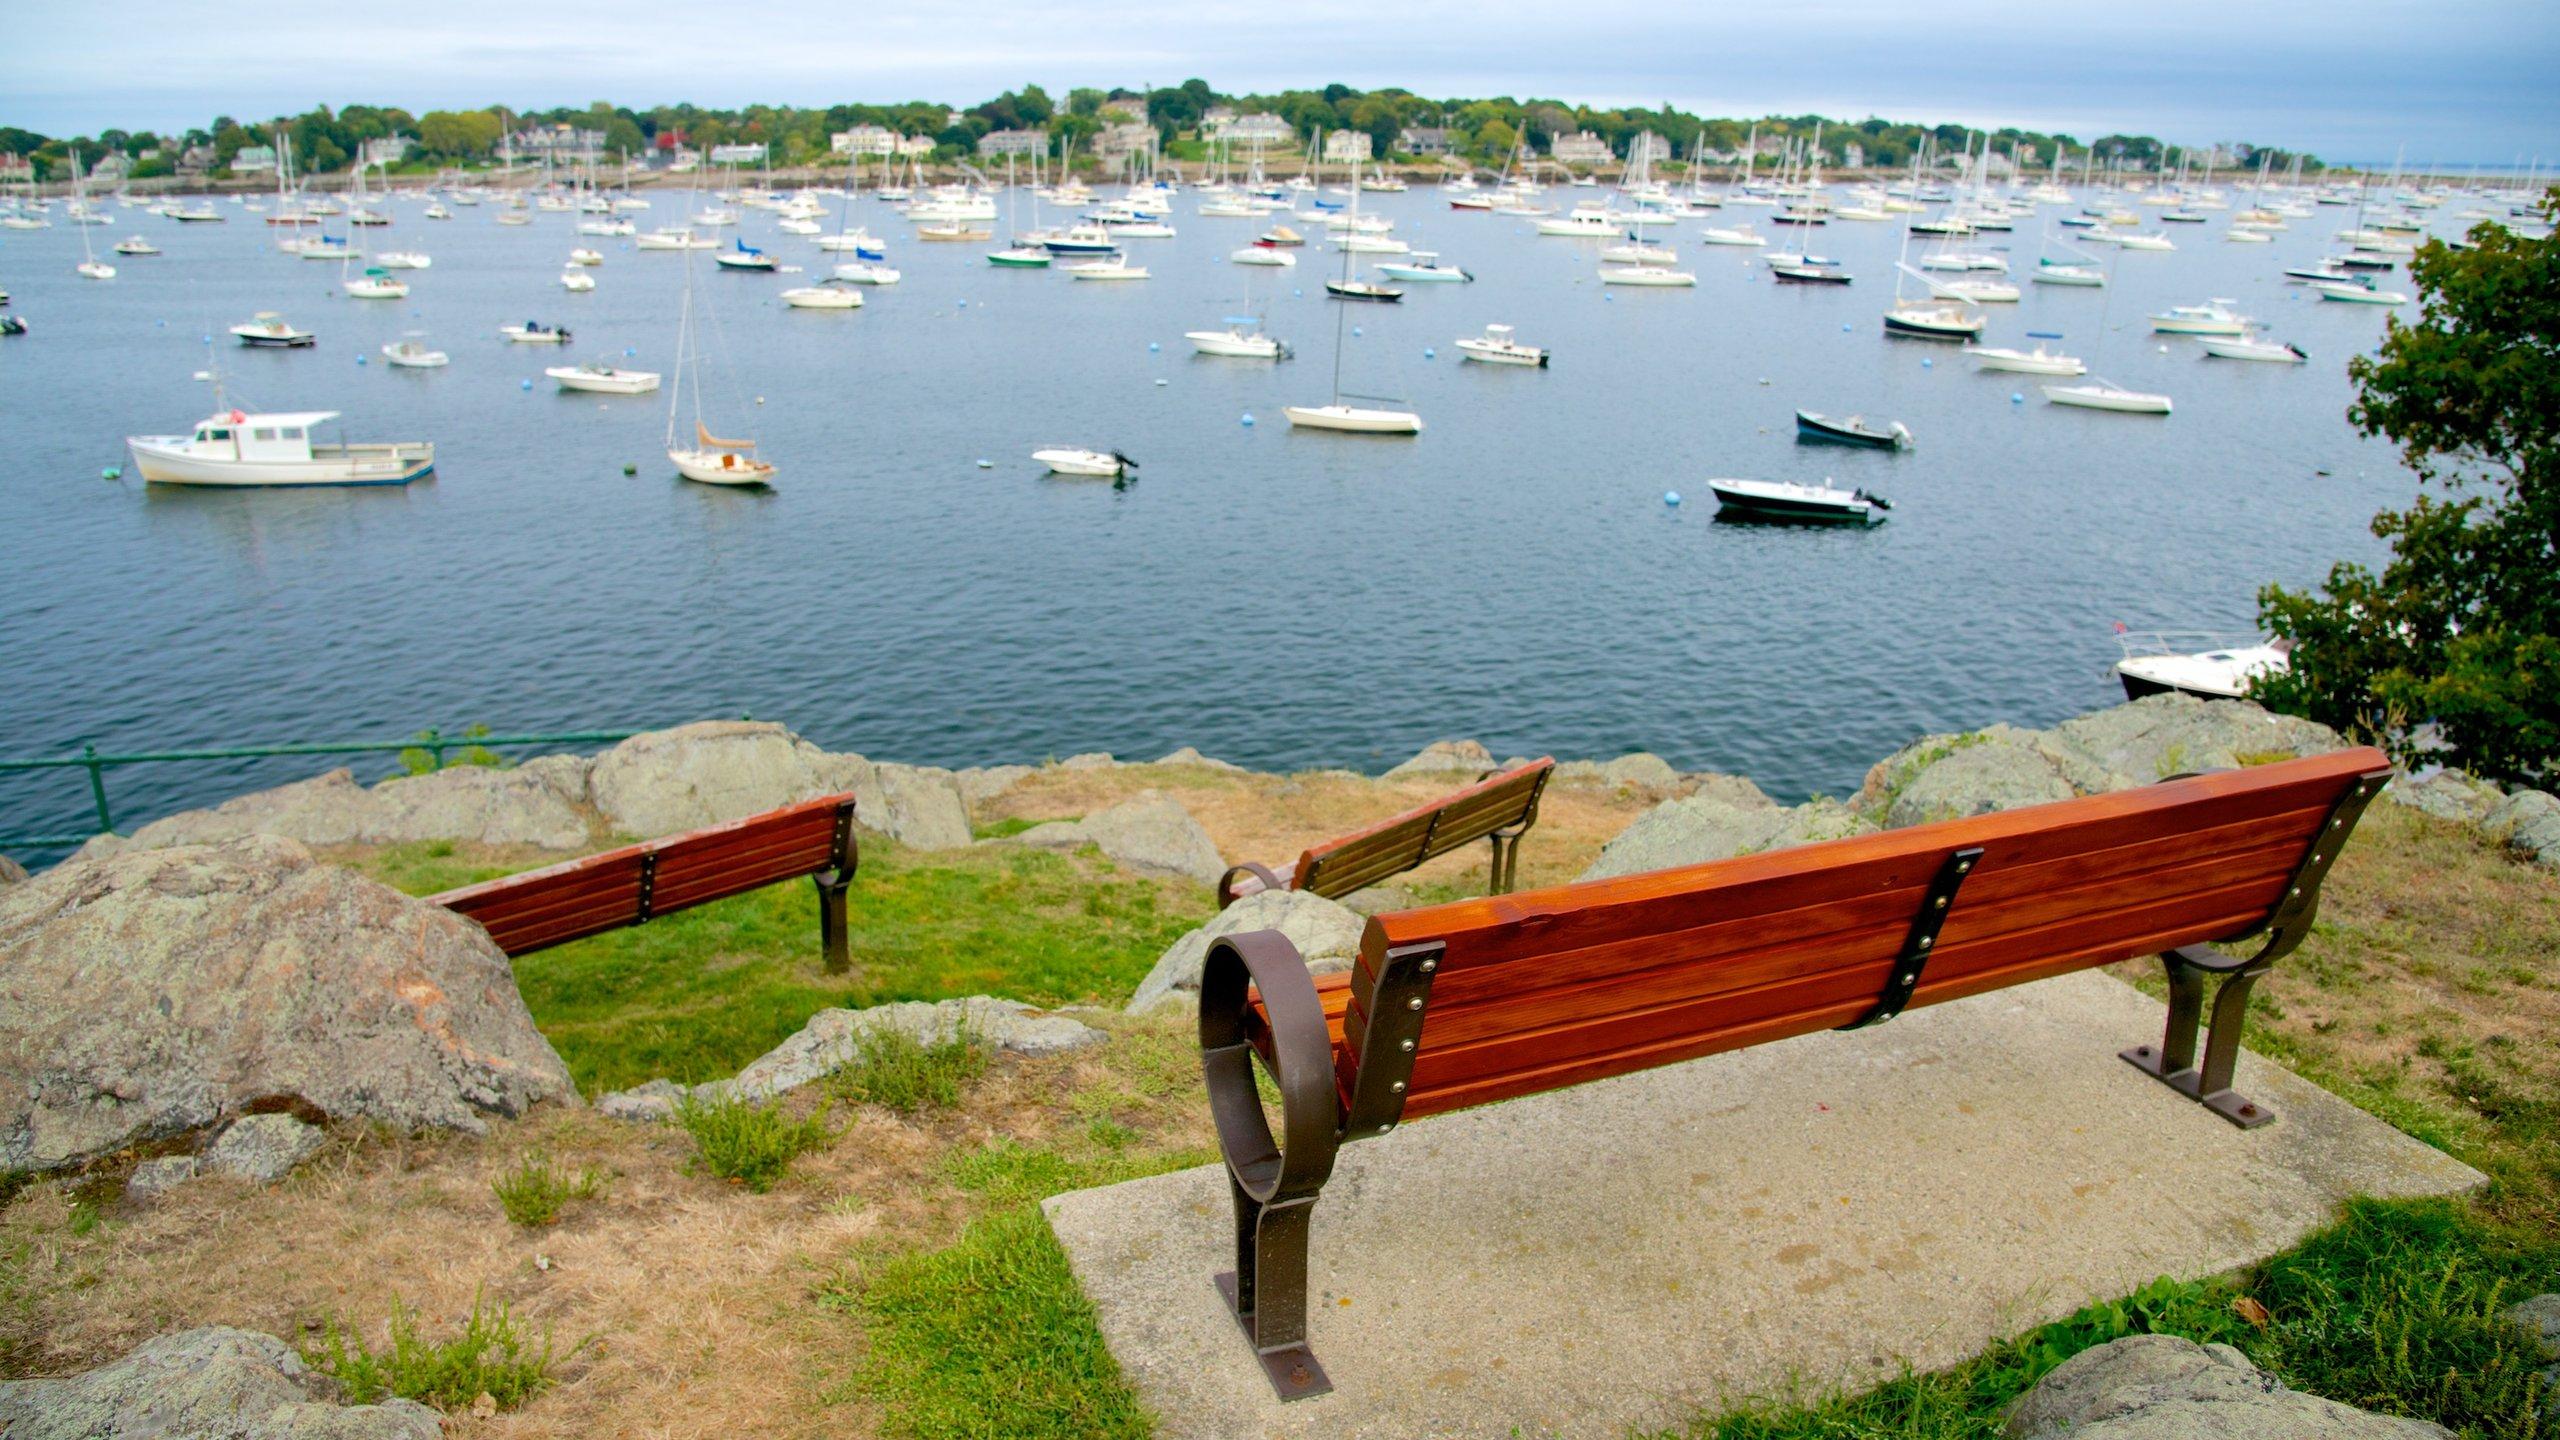 Marblehead, Massachusetts, United States of America